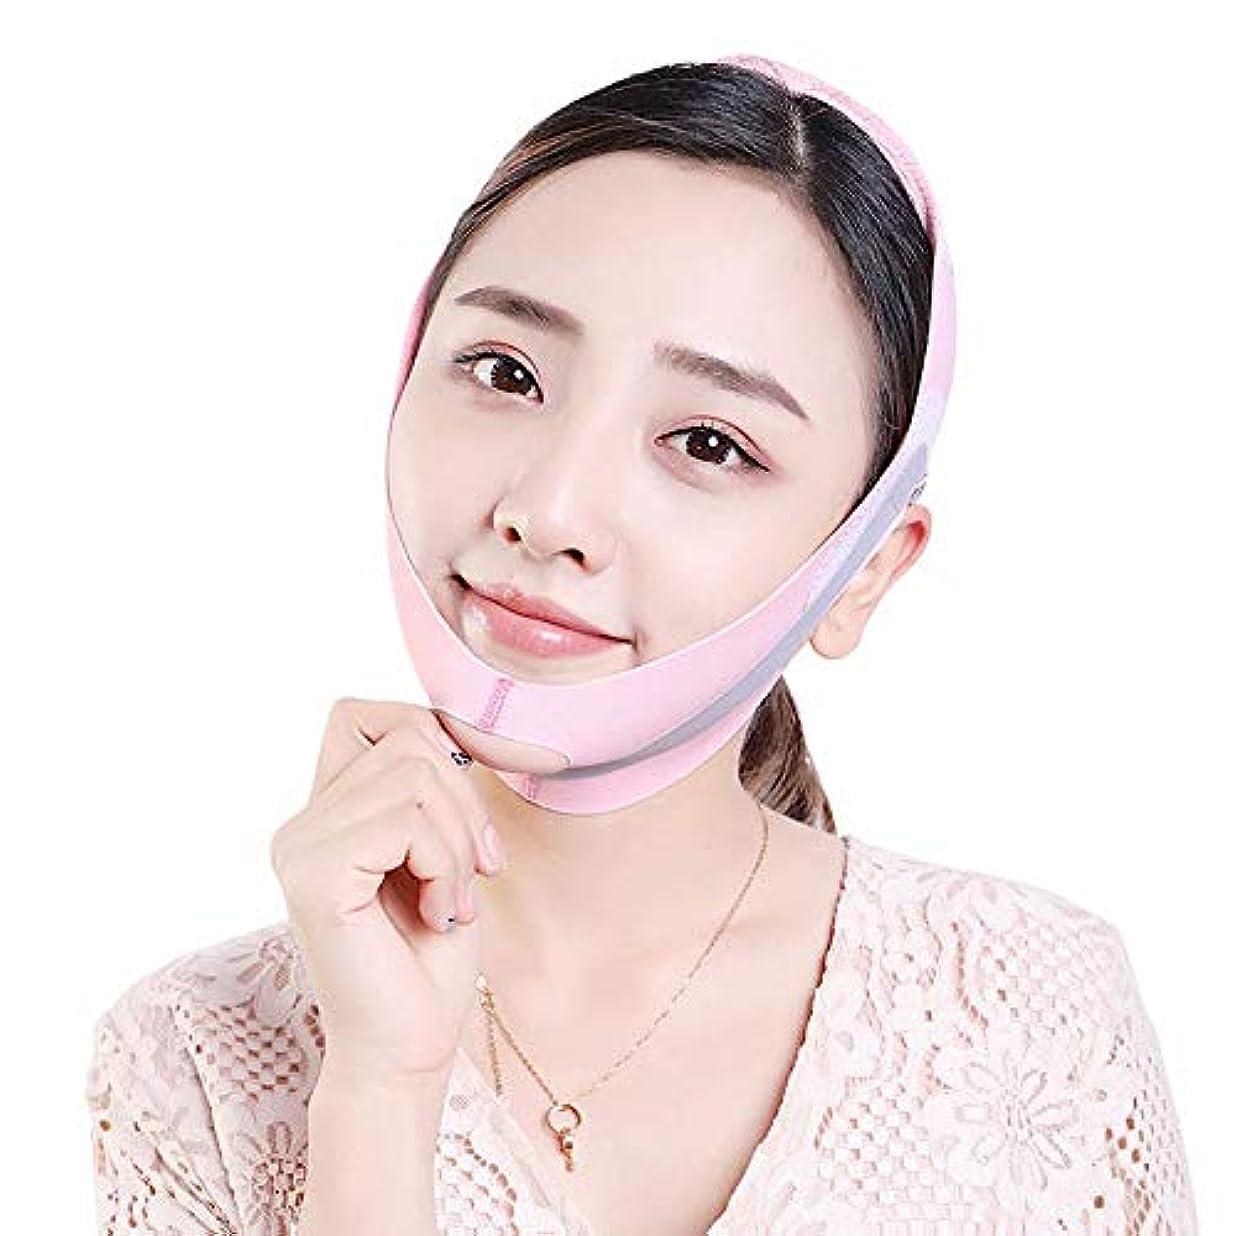 乗算ナビゲーション汚いたるみを防ぐために顔を持ち上げるために筋肉を引き締めるために二重あごのステッカーとラインを削除するために、顔を持ち上げるアーティファクト包帯があります - ピンク